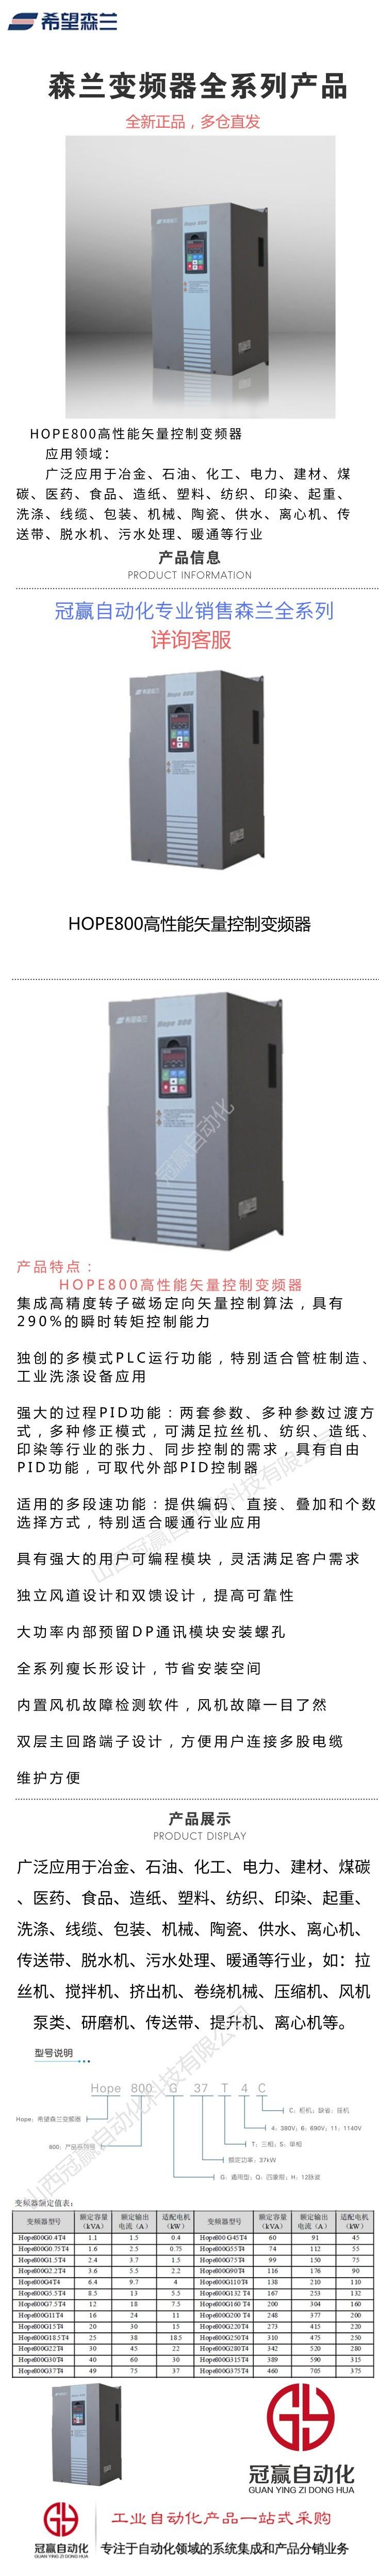 森兰变频器|HOPE800矢量控制变频器